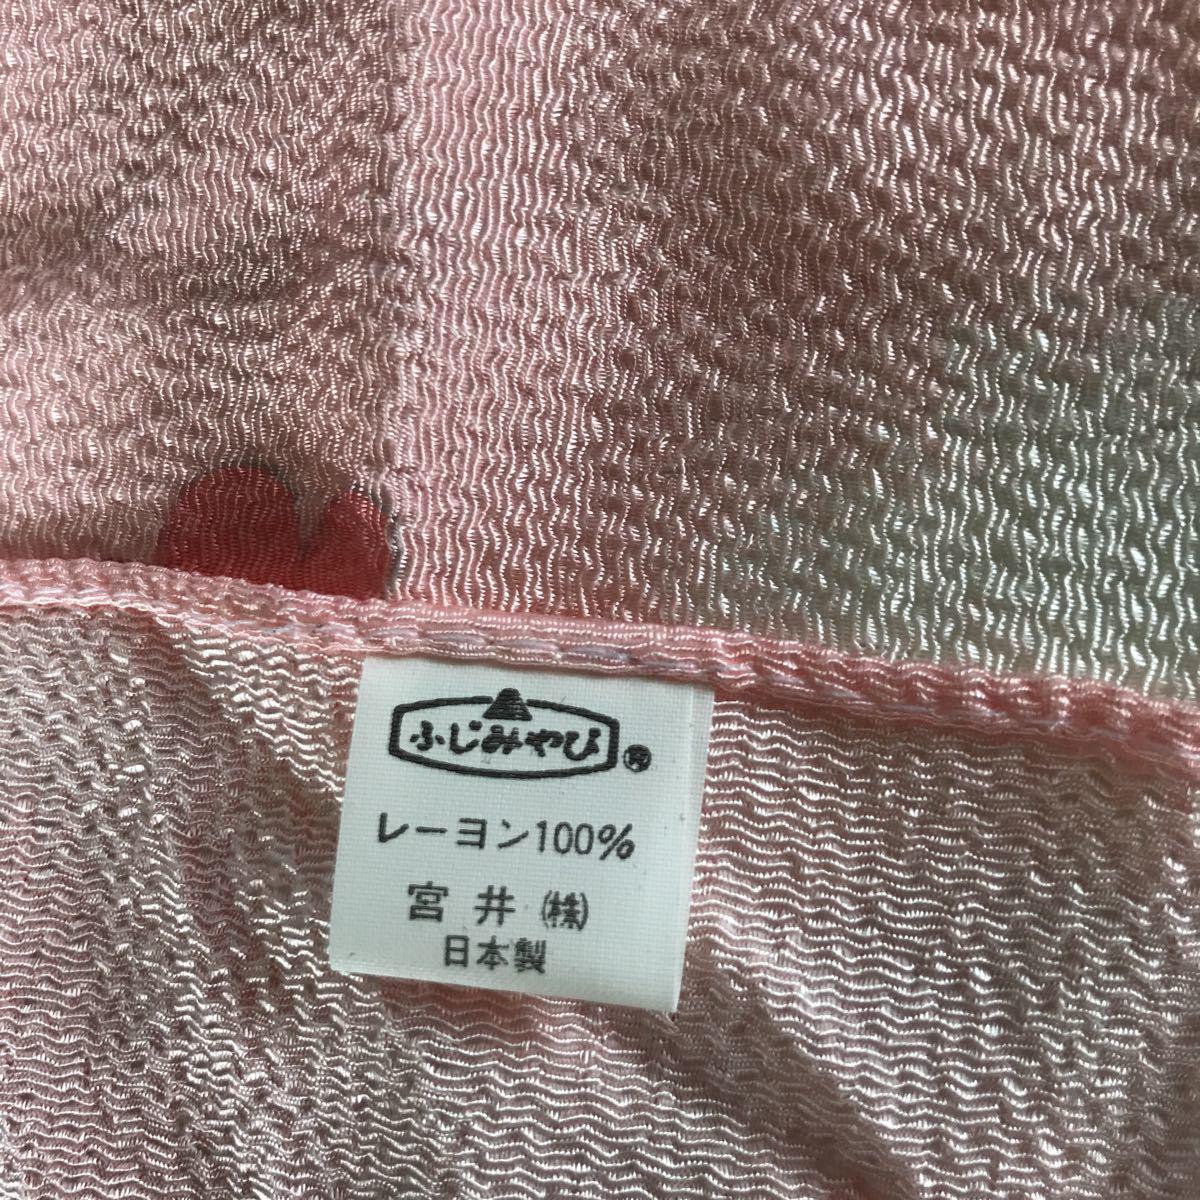 風呂敷 ふじみやび ちりめん レーヨン100% 日本製 ピンク色 未使用 花デザイン サイズ約64.5×66㎝ 可愛い品_画像5